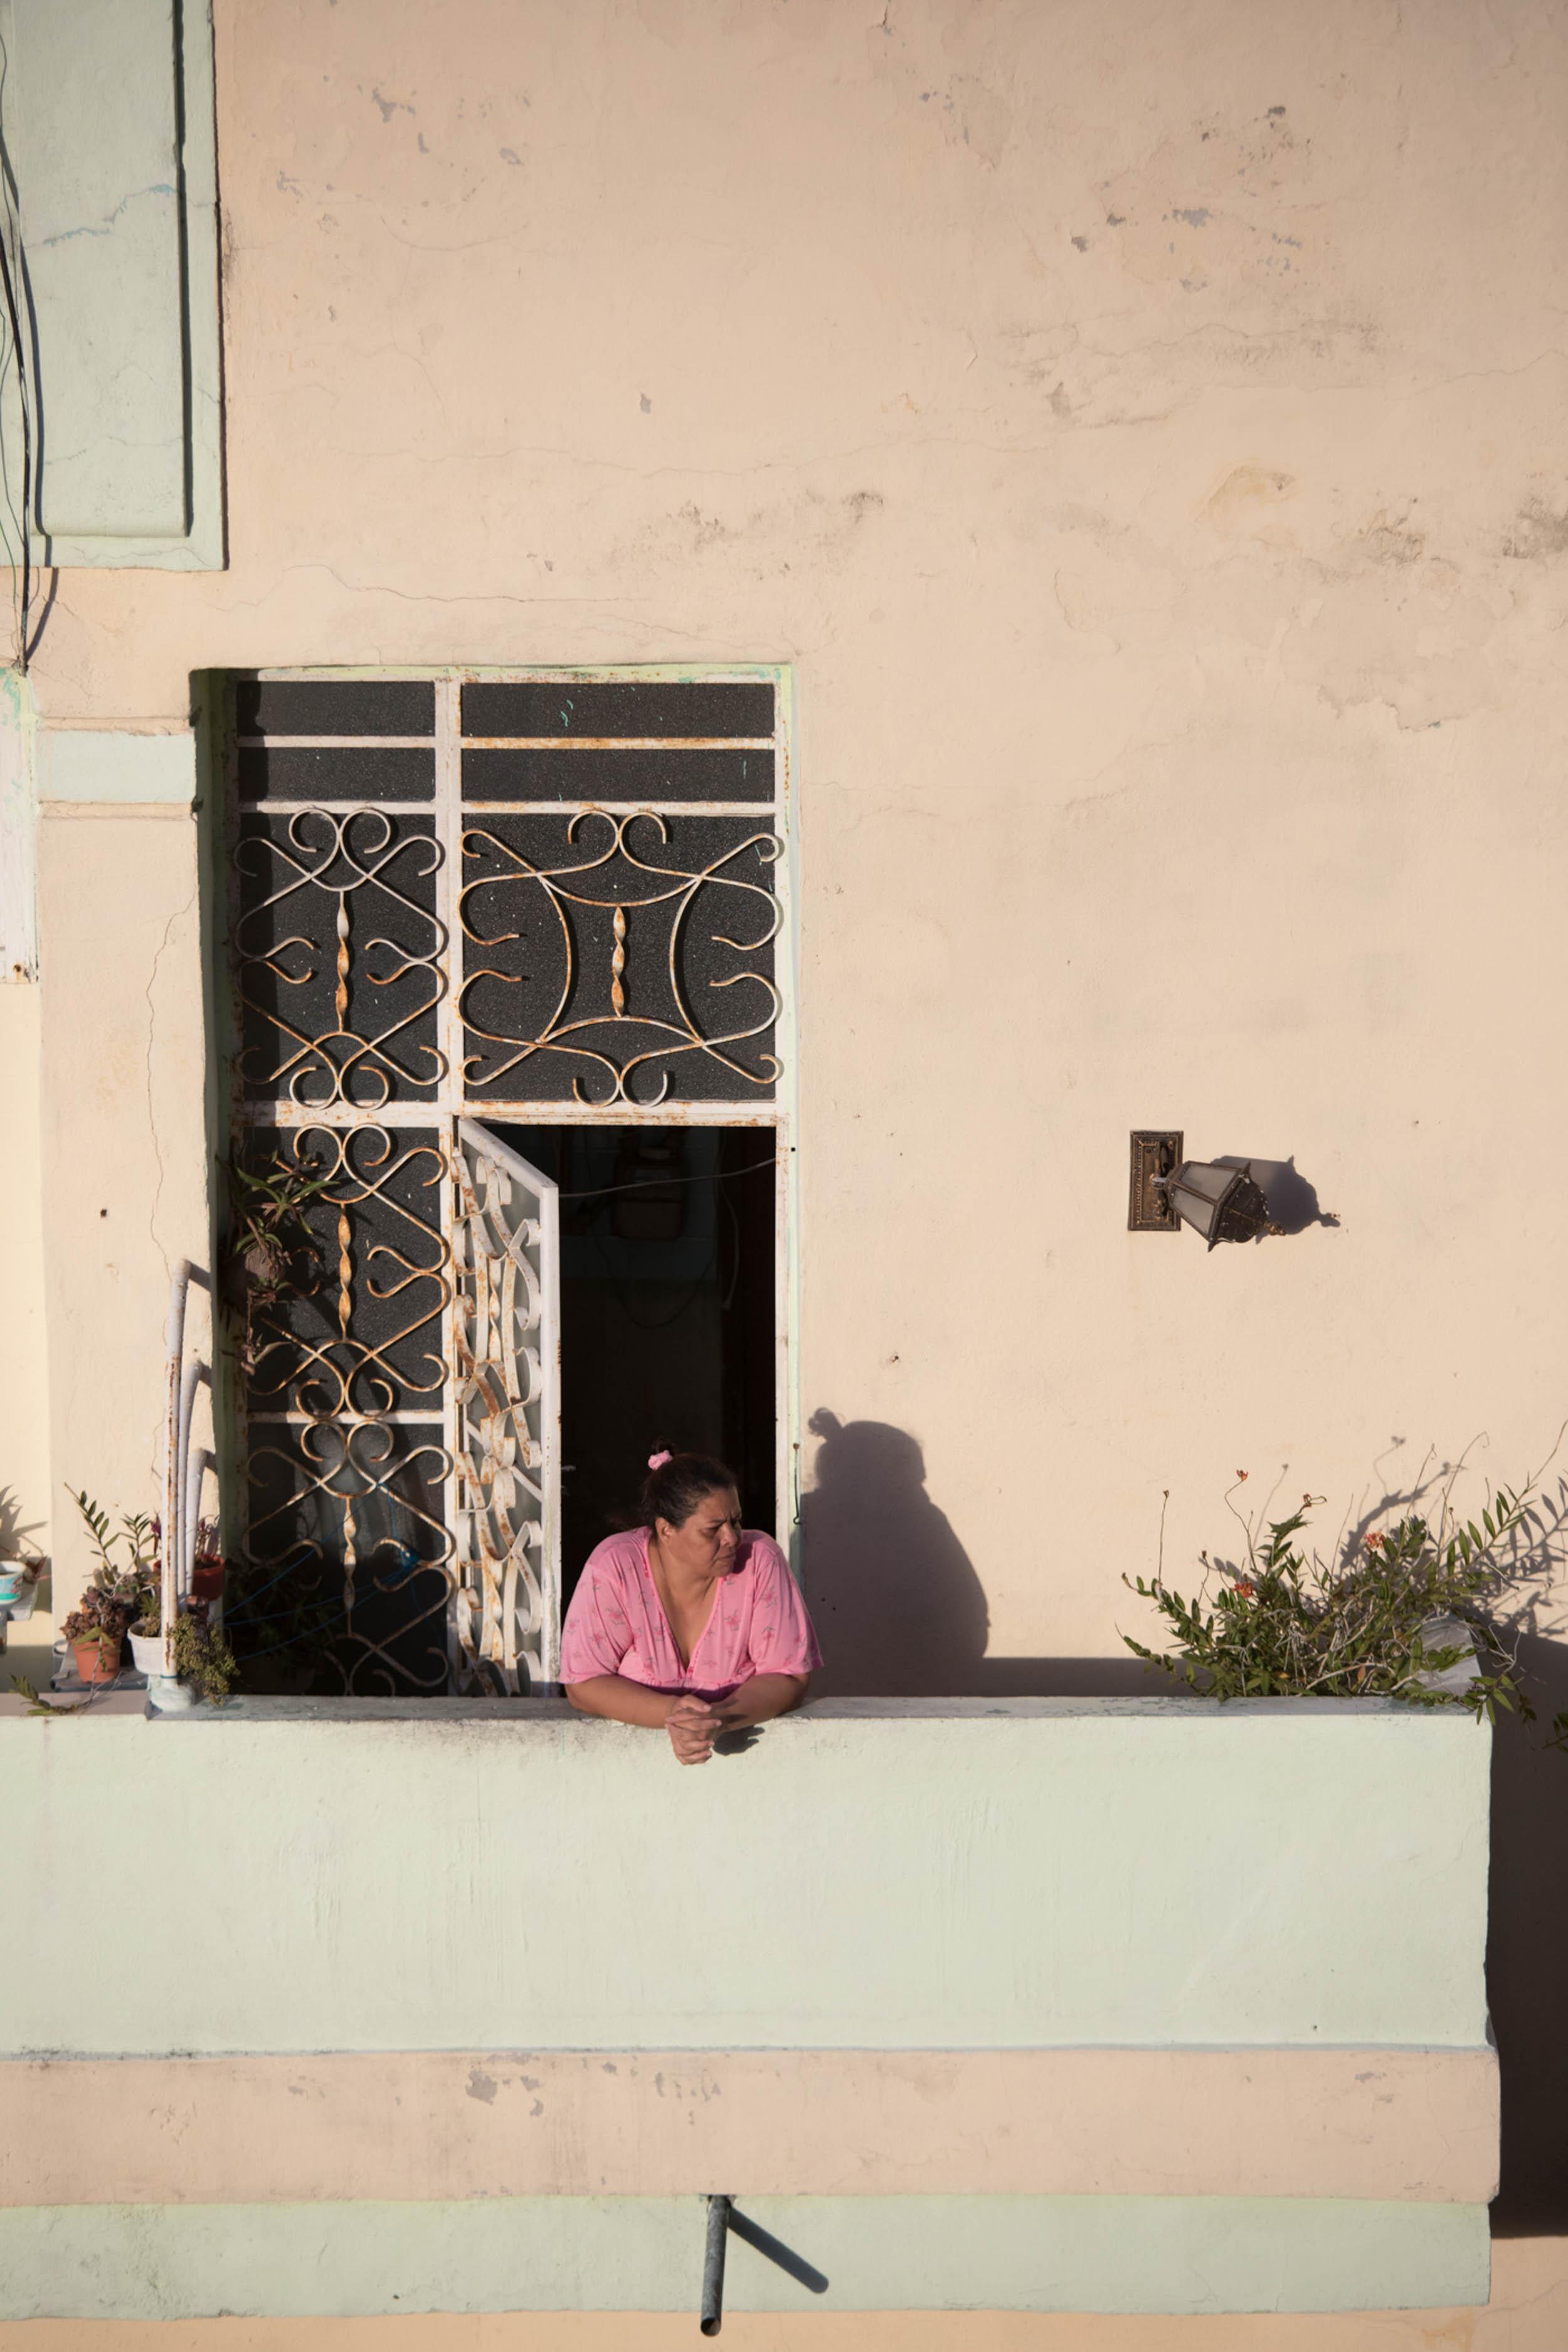 Cuba-davidbraud-0720.jpg